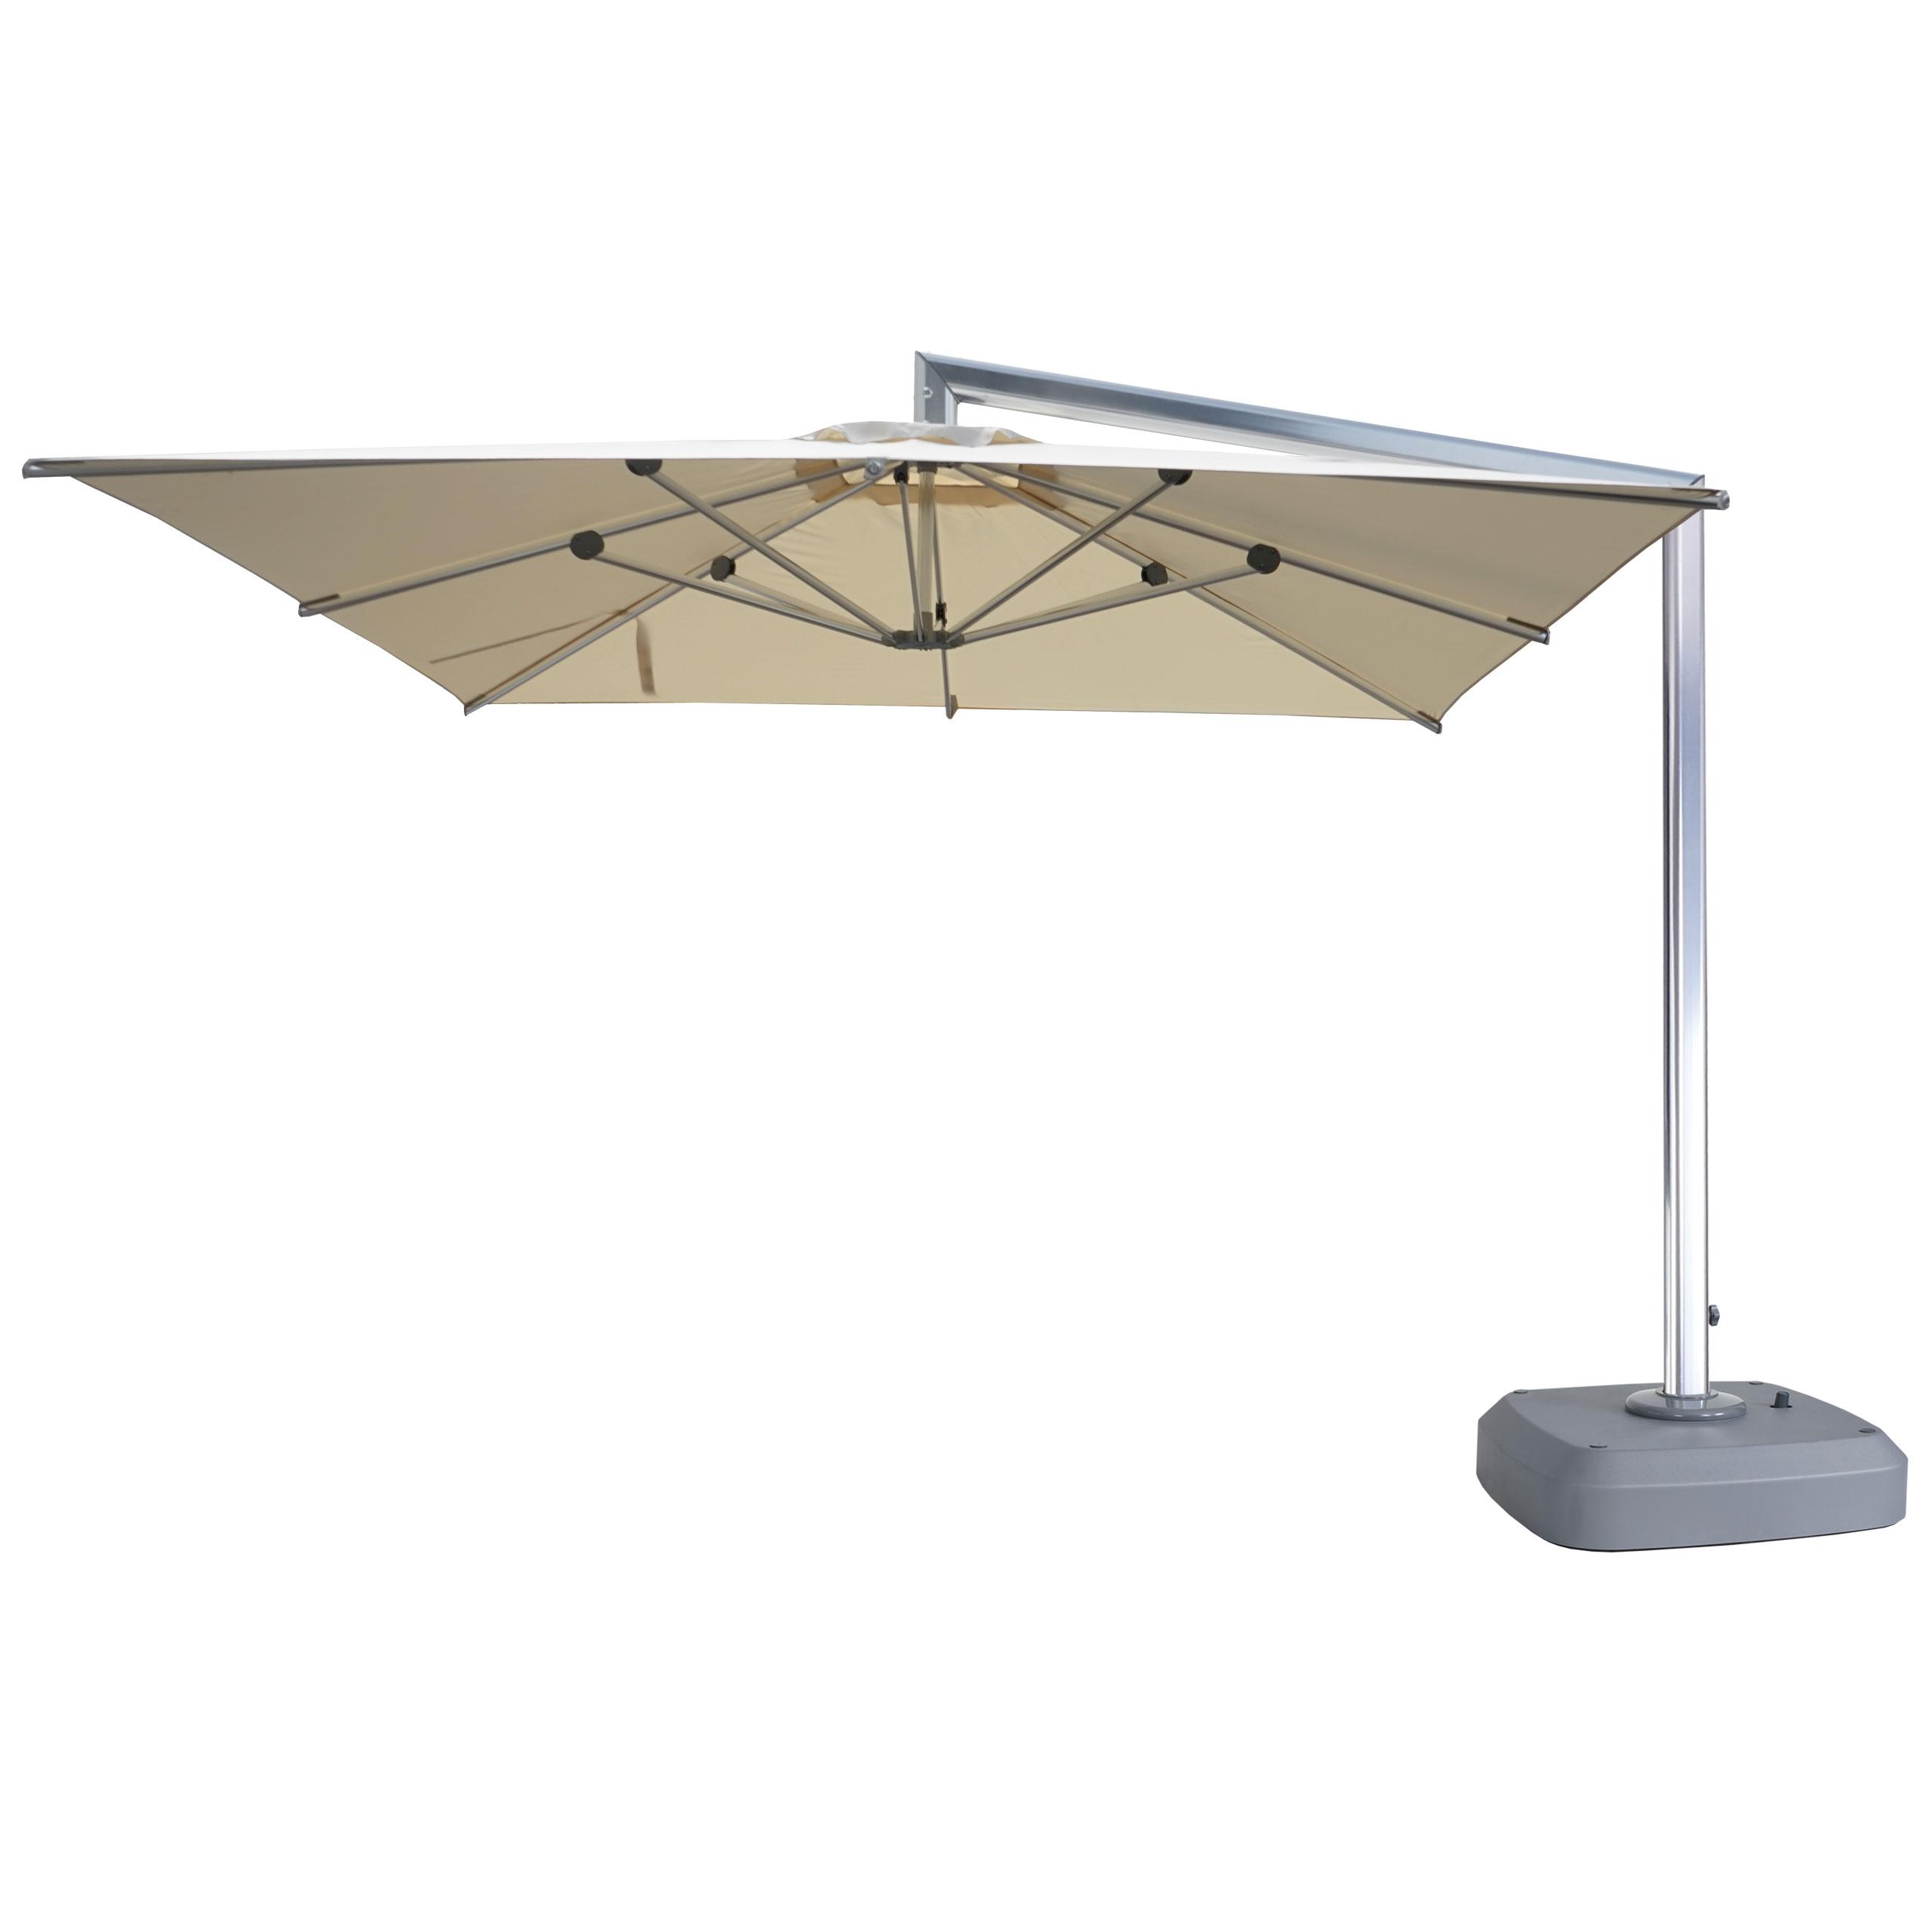 Mendler Luxus-Ampelschirm HWC-A36, Gartenschirm Sonnenschirm mit Ständer, drehbar 3x3m (Ř4,24m) Polyester/Al 59342+59343